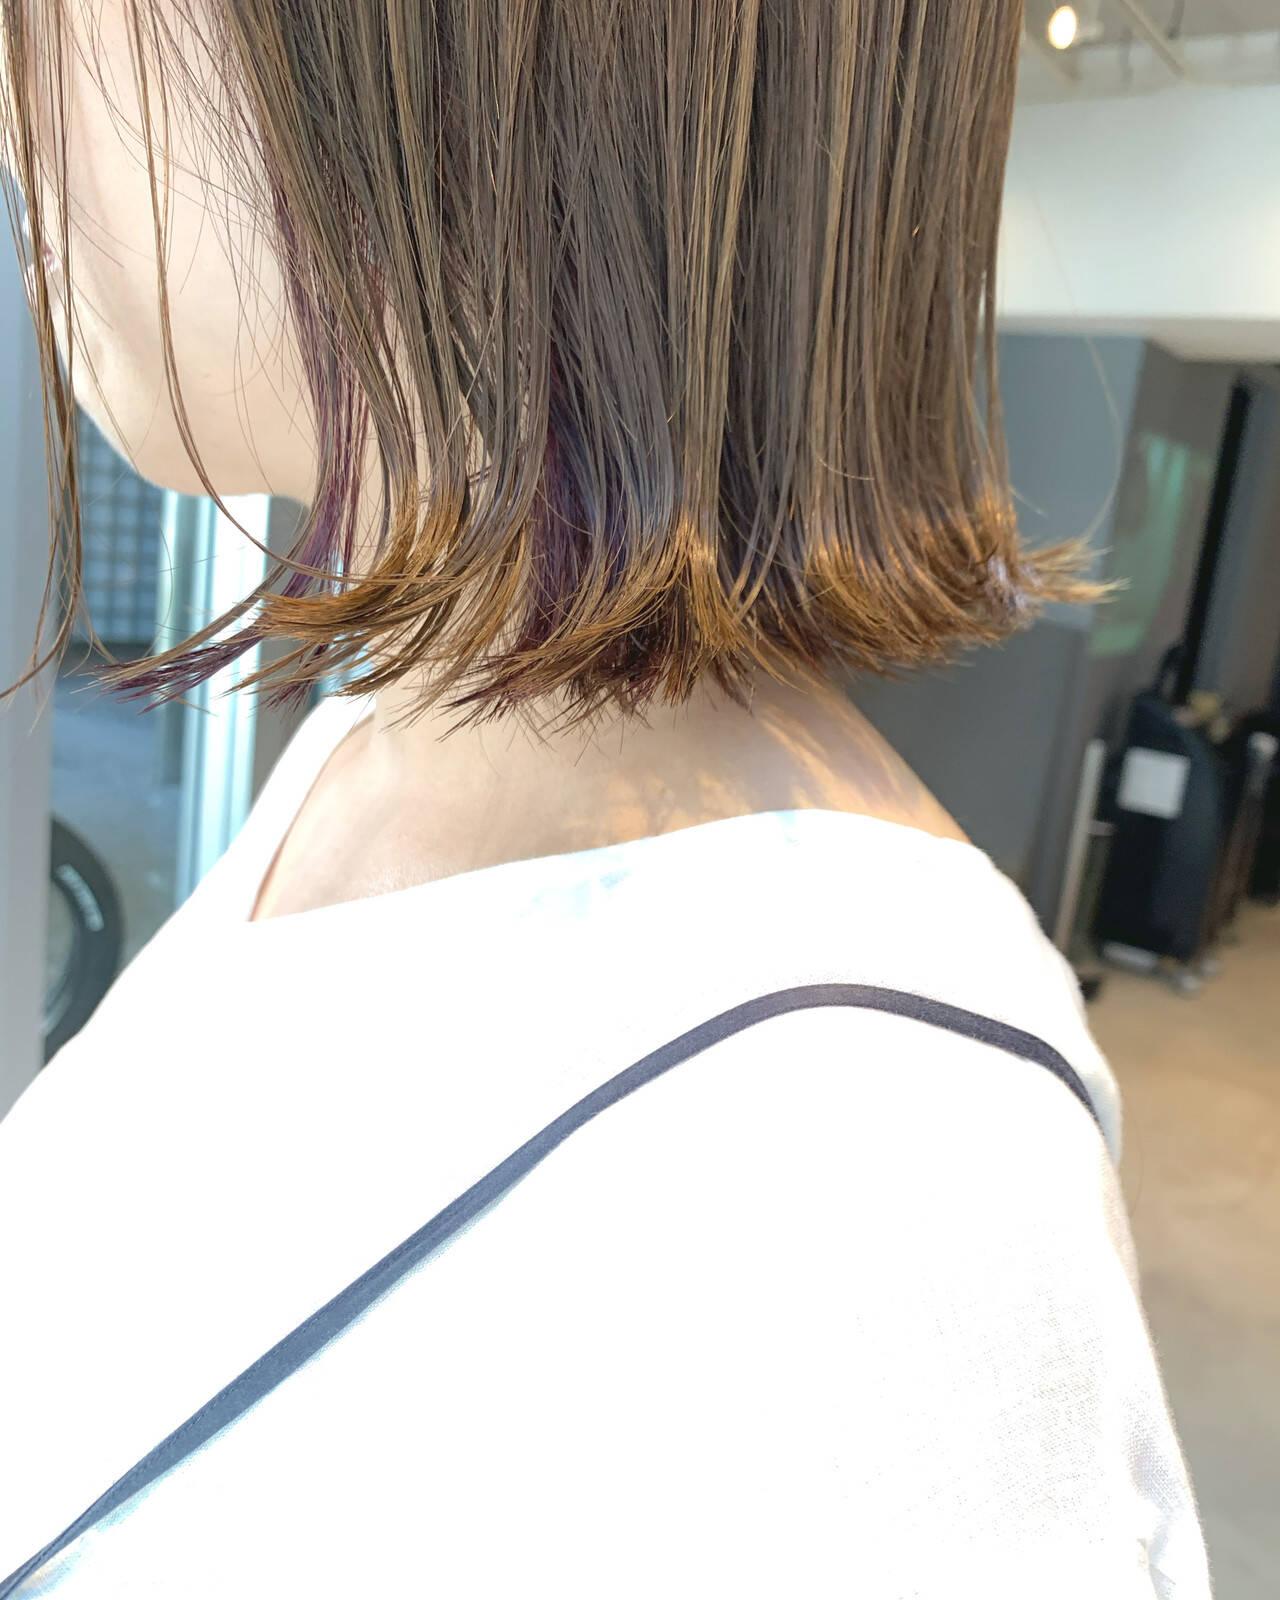 インナーカラーバイオレット ボブ イヤリングカラー 切りっぱなしボブヘアスタイルや髪型の写真・画像